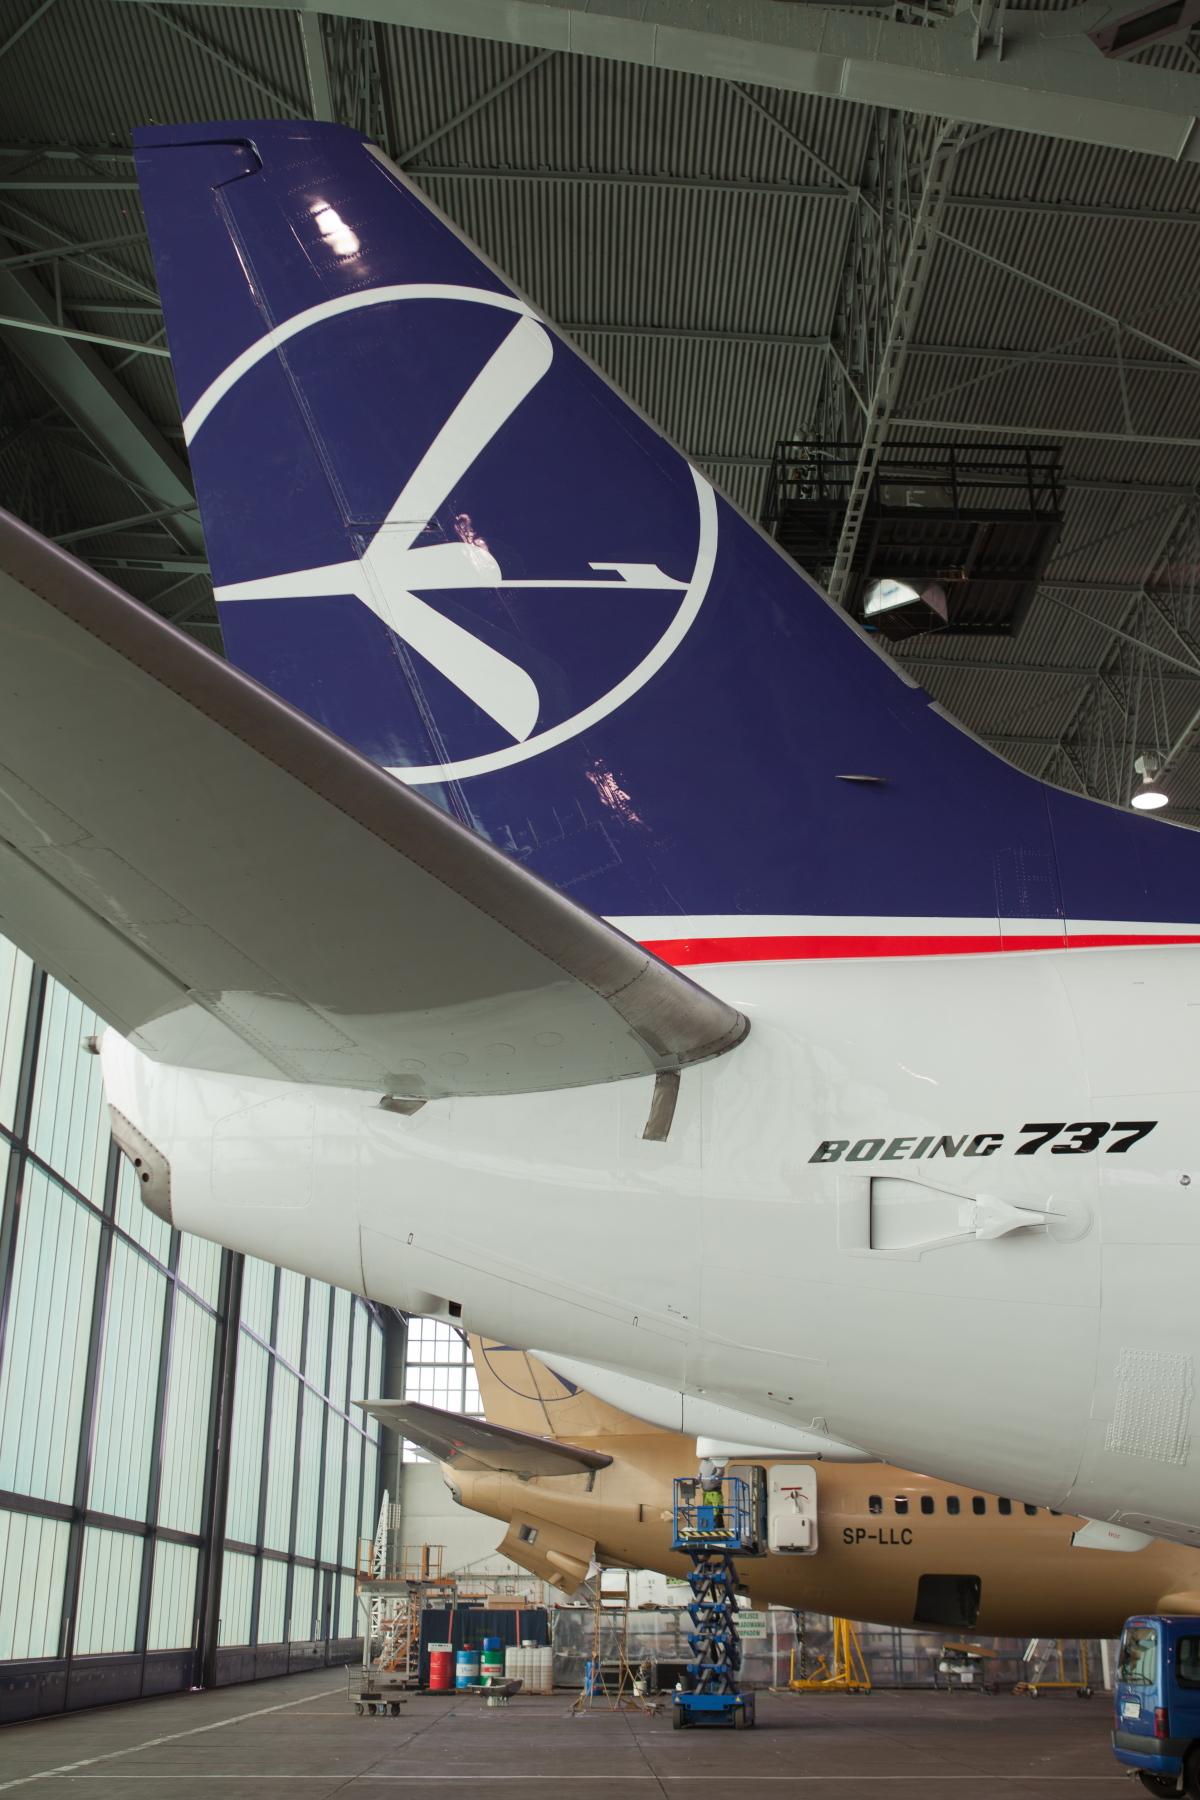 LOTポーランド航空、6月以降にポーランド4空港発着でテルアビブへ就航 | FlyTeam ニュース